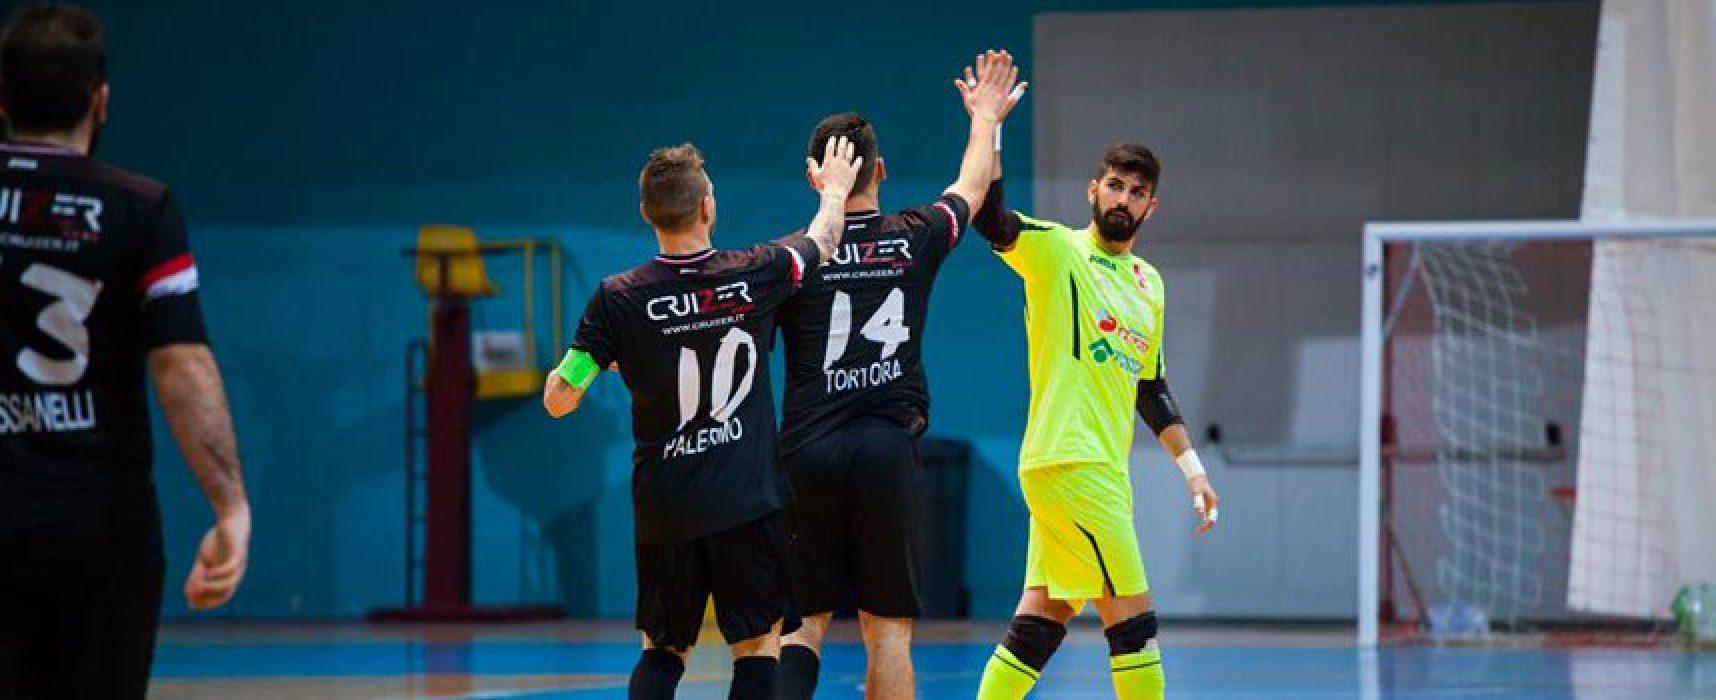 Futsal serie C1: Diaz di scena a Carovigno, Nettuno rende visita al Polignano